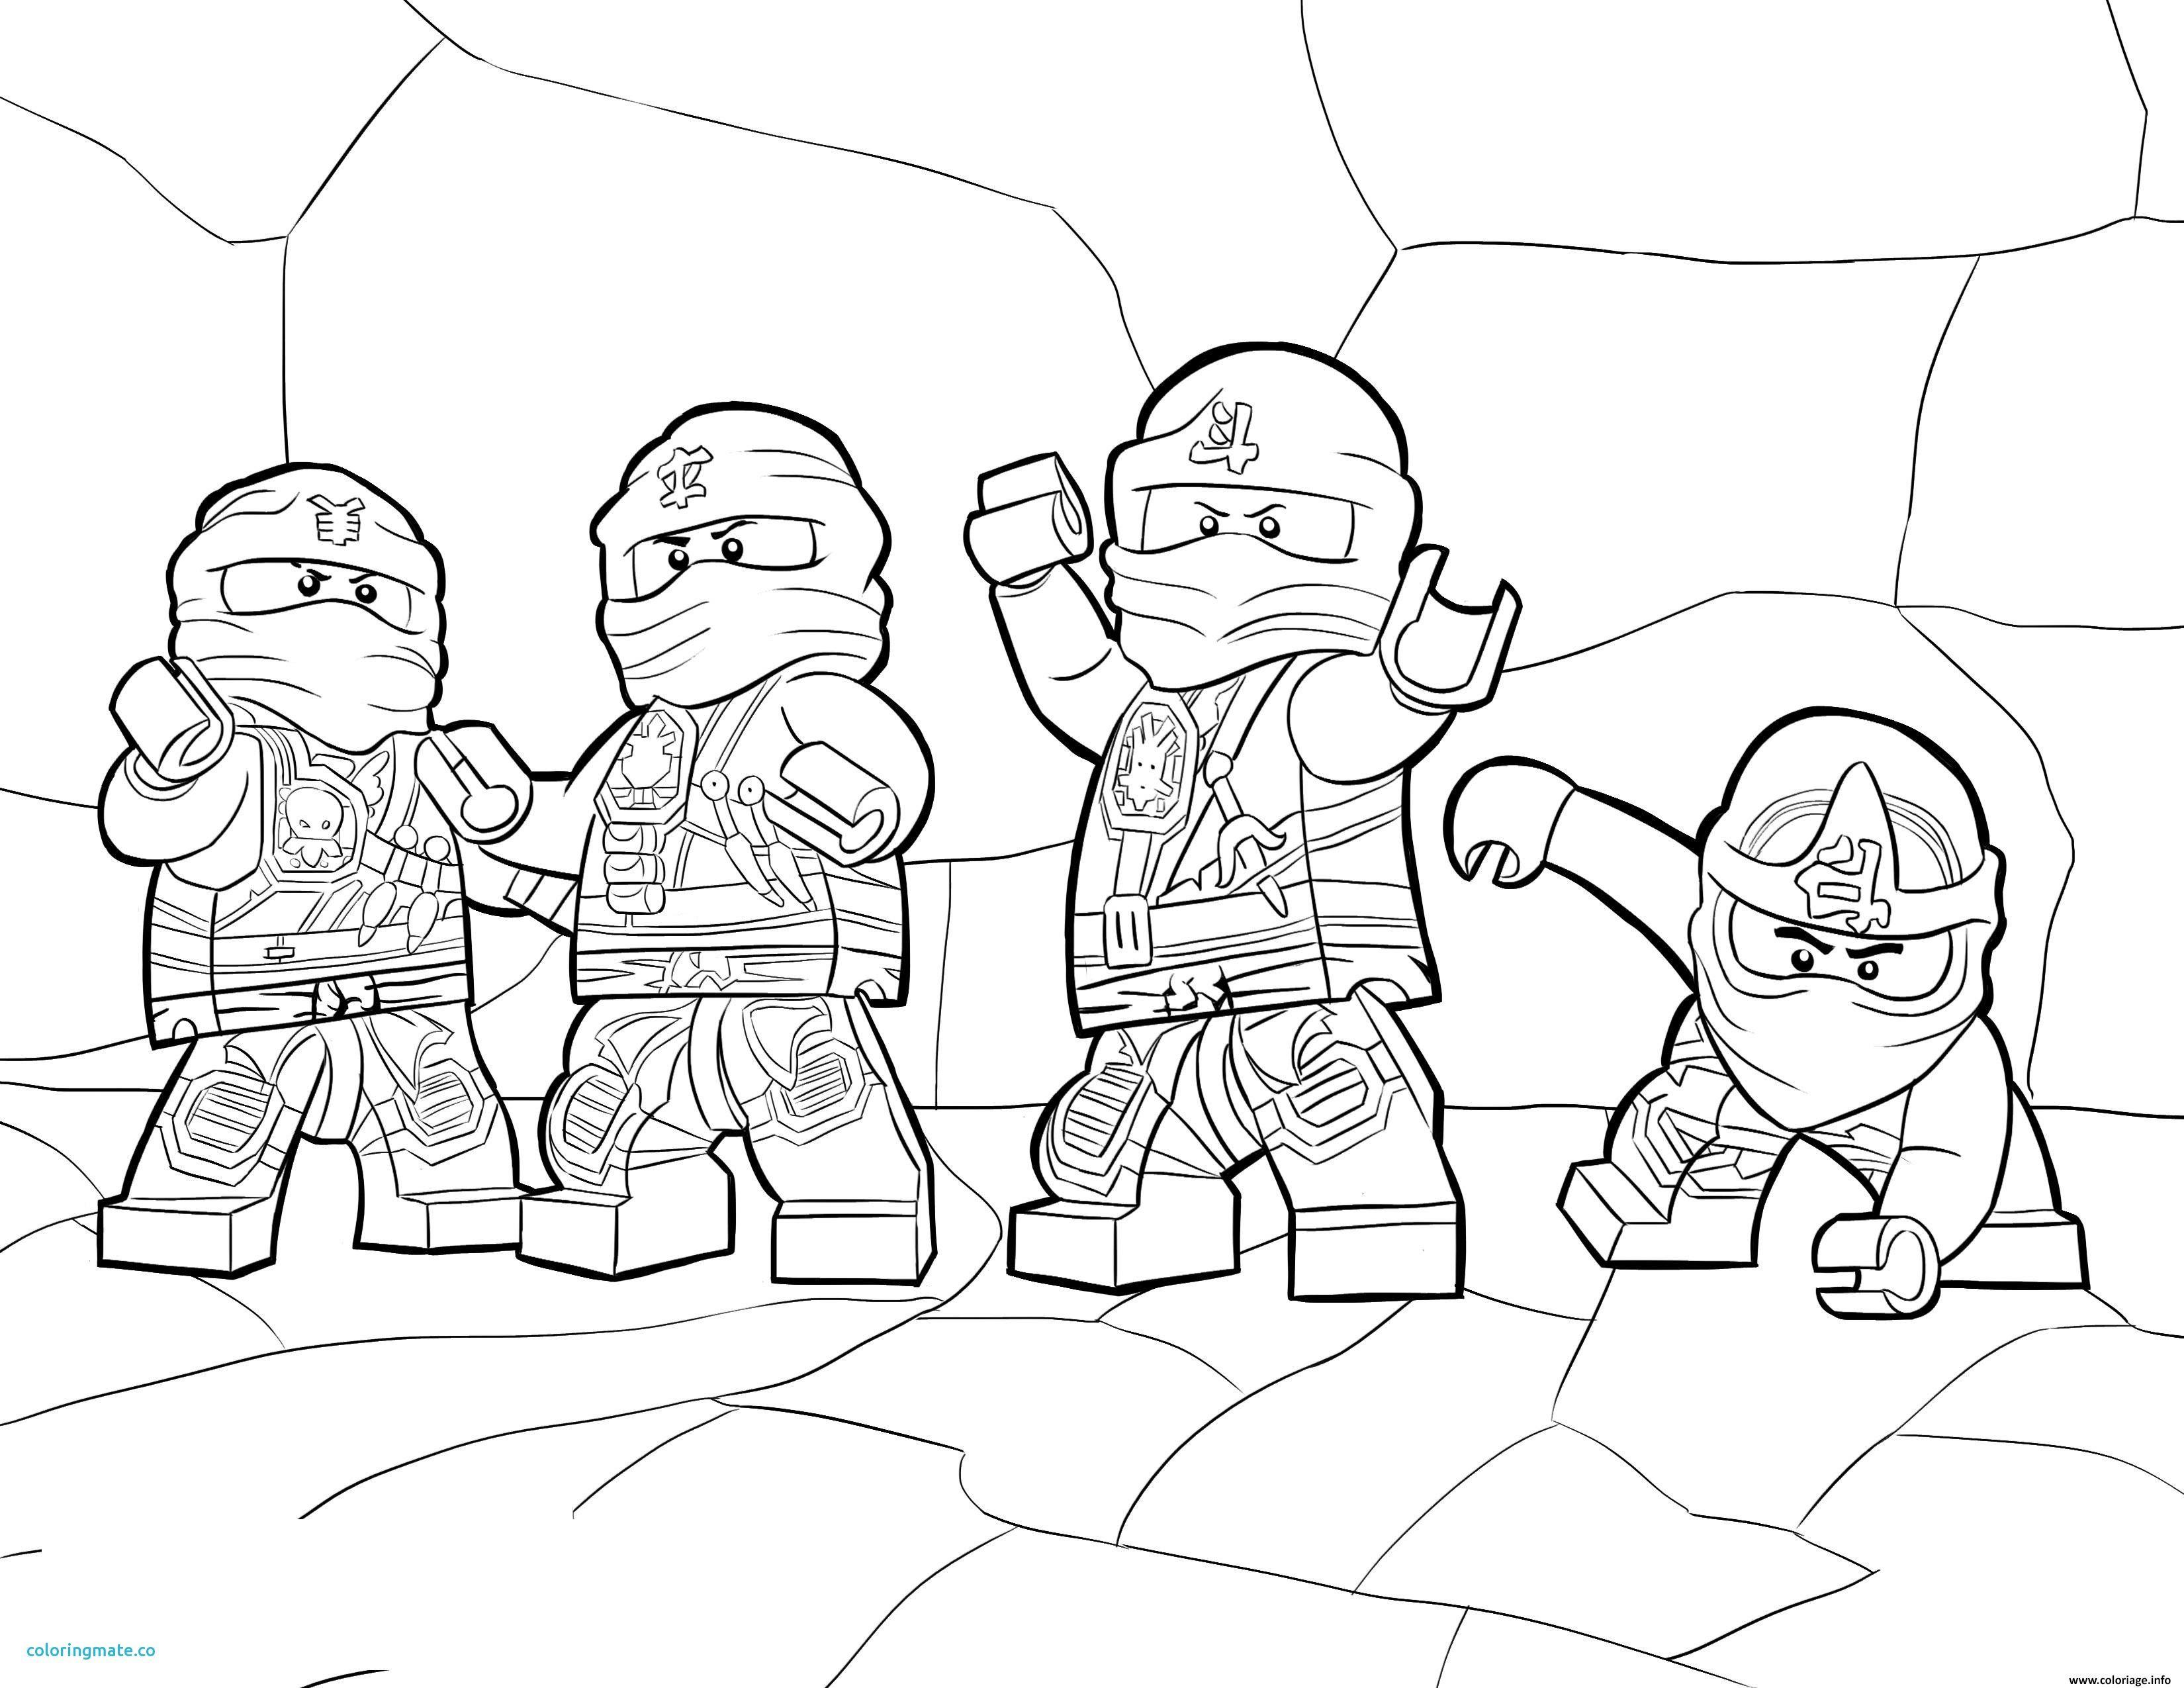 coloriage ninjago dessin a imprimer gratuit of coloriage ninjago ...